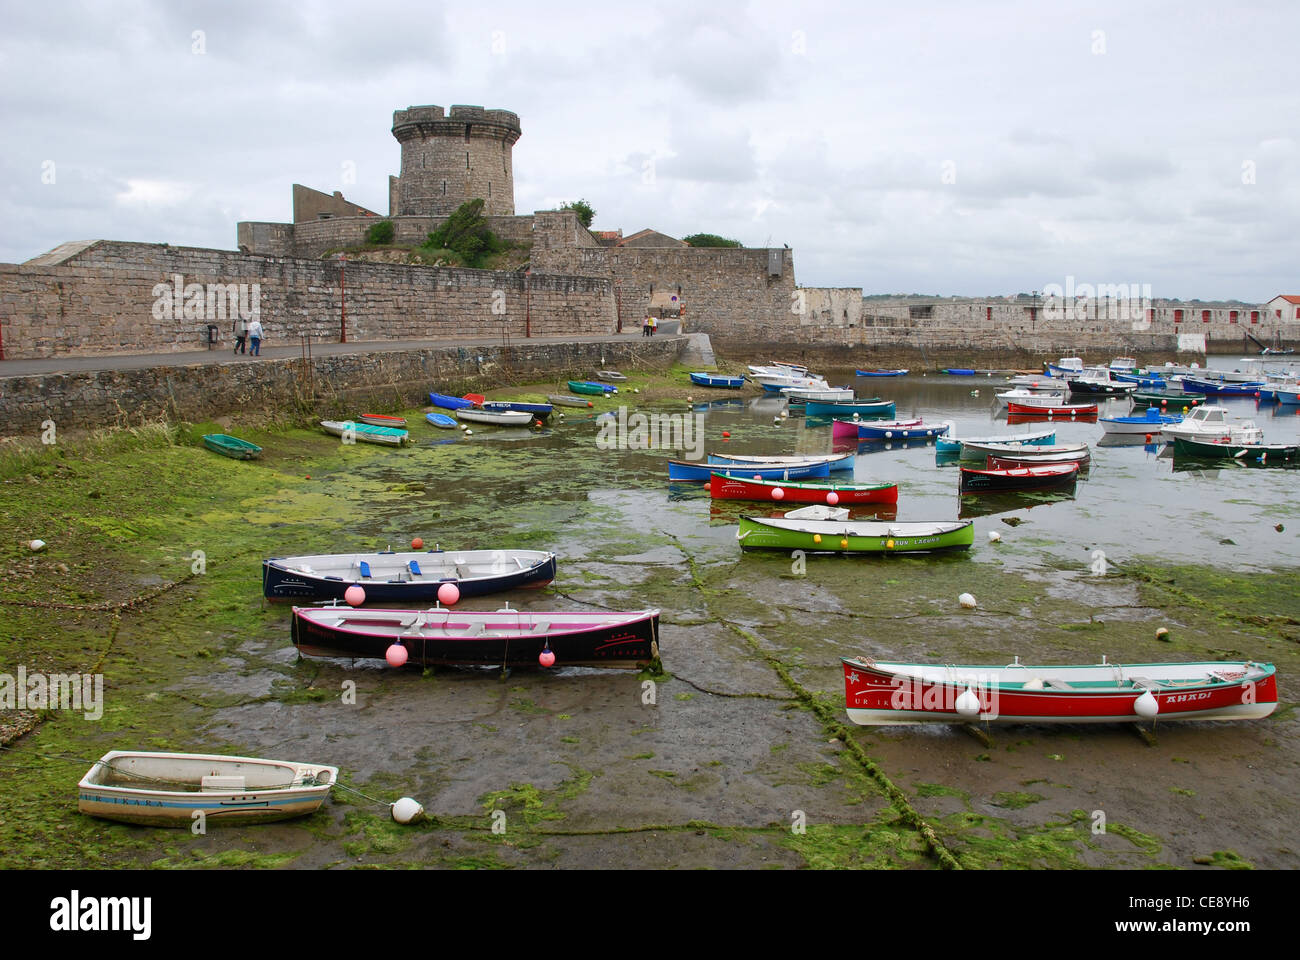 Fort de socoa socoa st jean de luz pays basque france - Fort de socoa ...